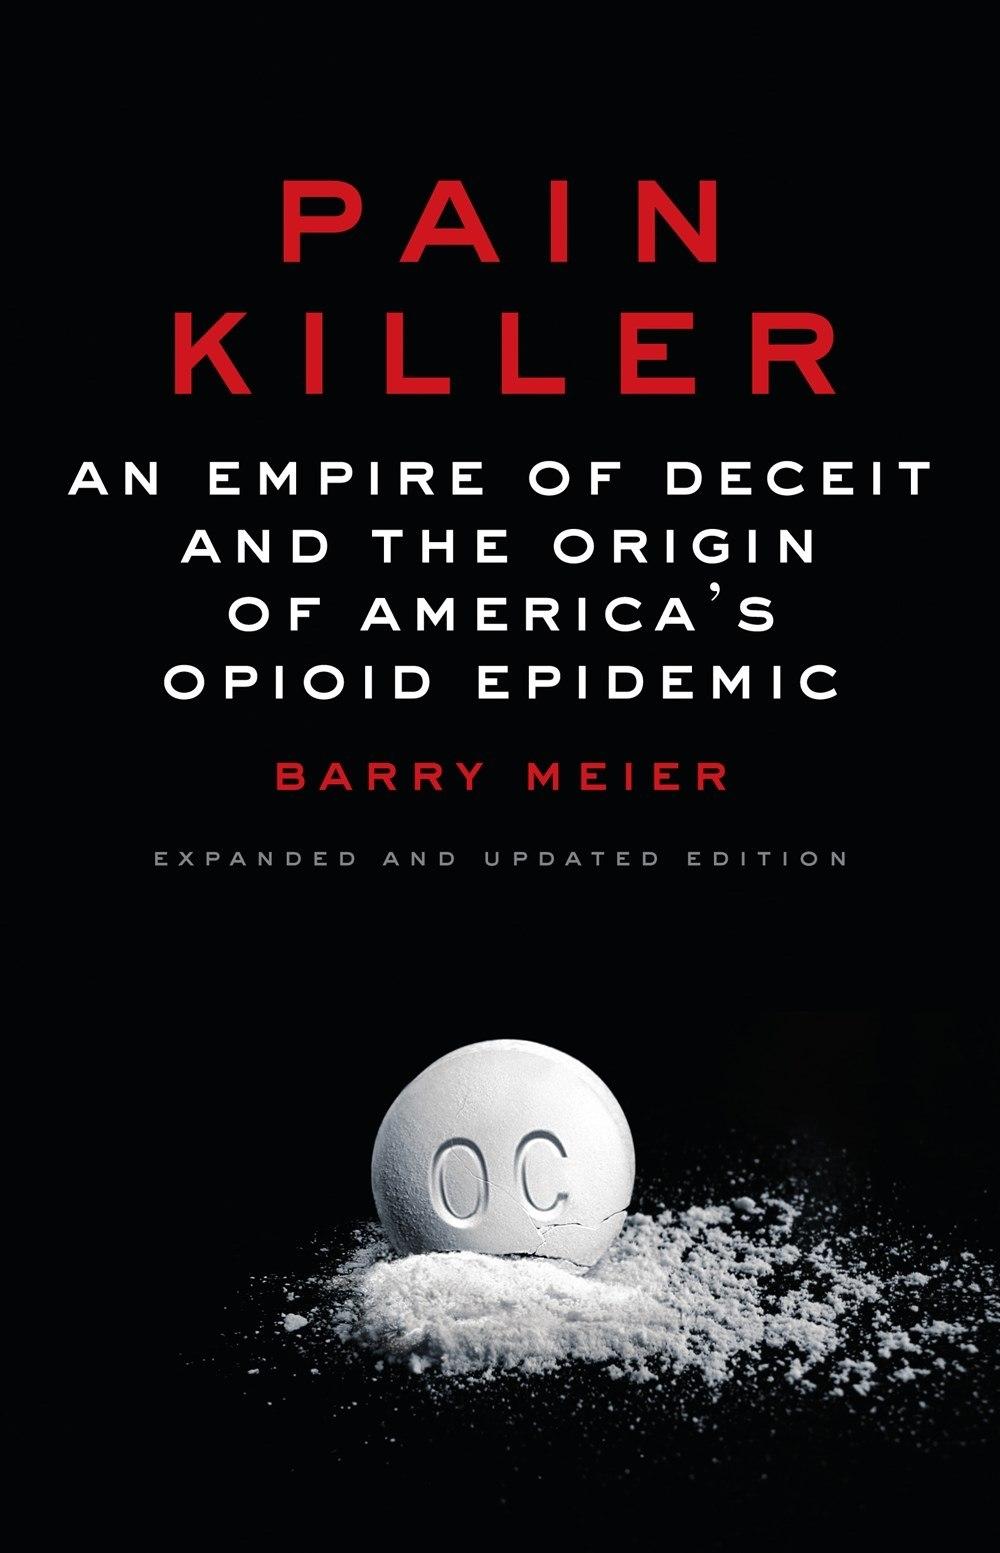 Barry Meier – Pain Killer